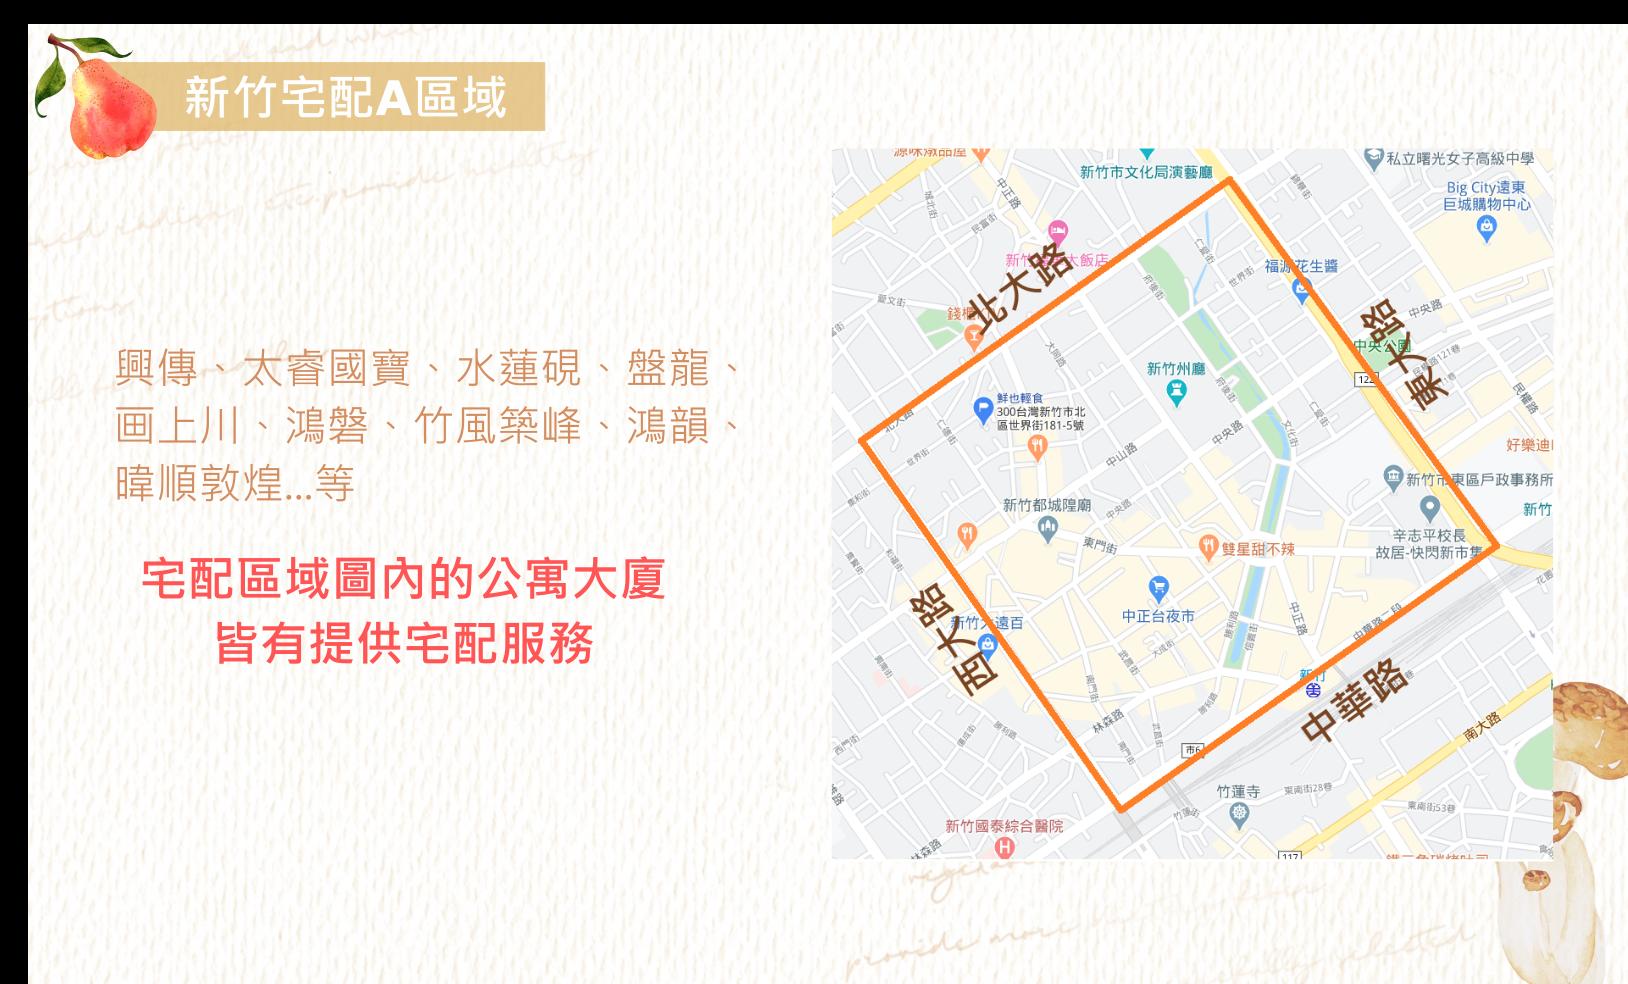 新竹市A完成_外送區域_20200226.png